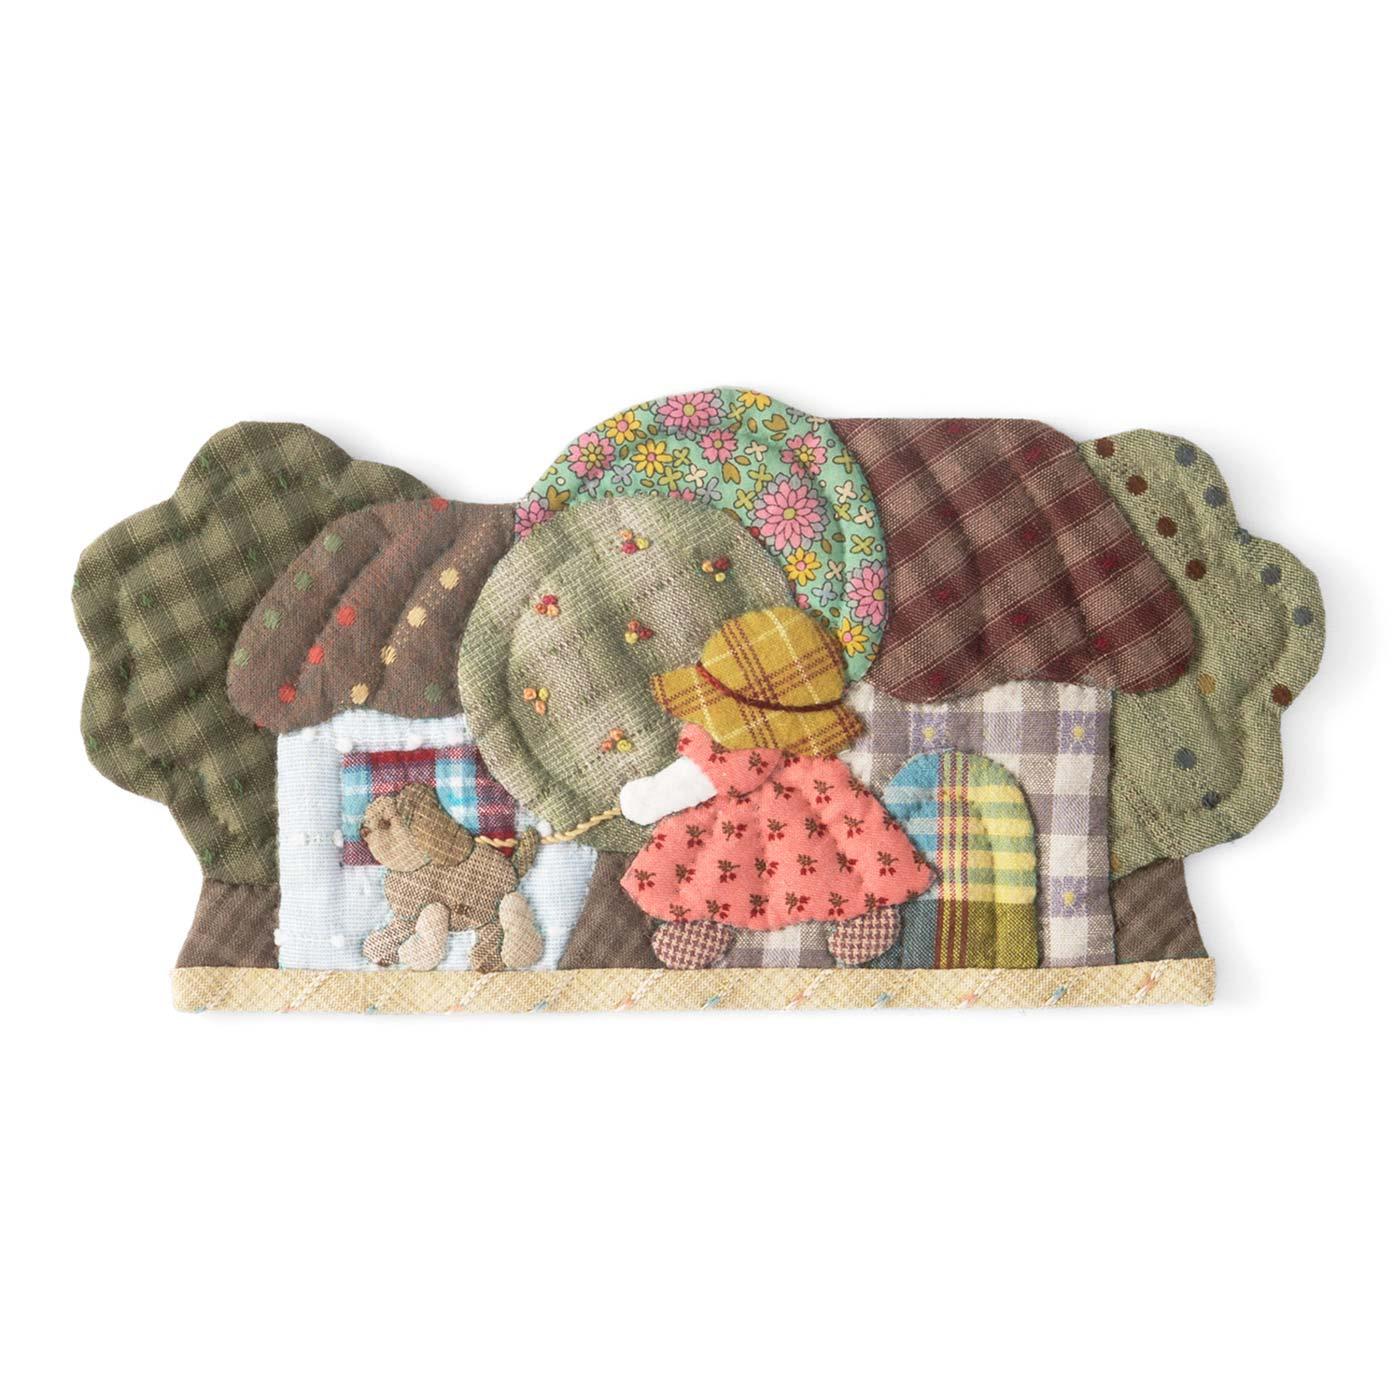 サンボンネット・スーとハウスのタペストリー 縦約12.5cm、横約25.5cm